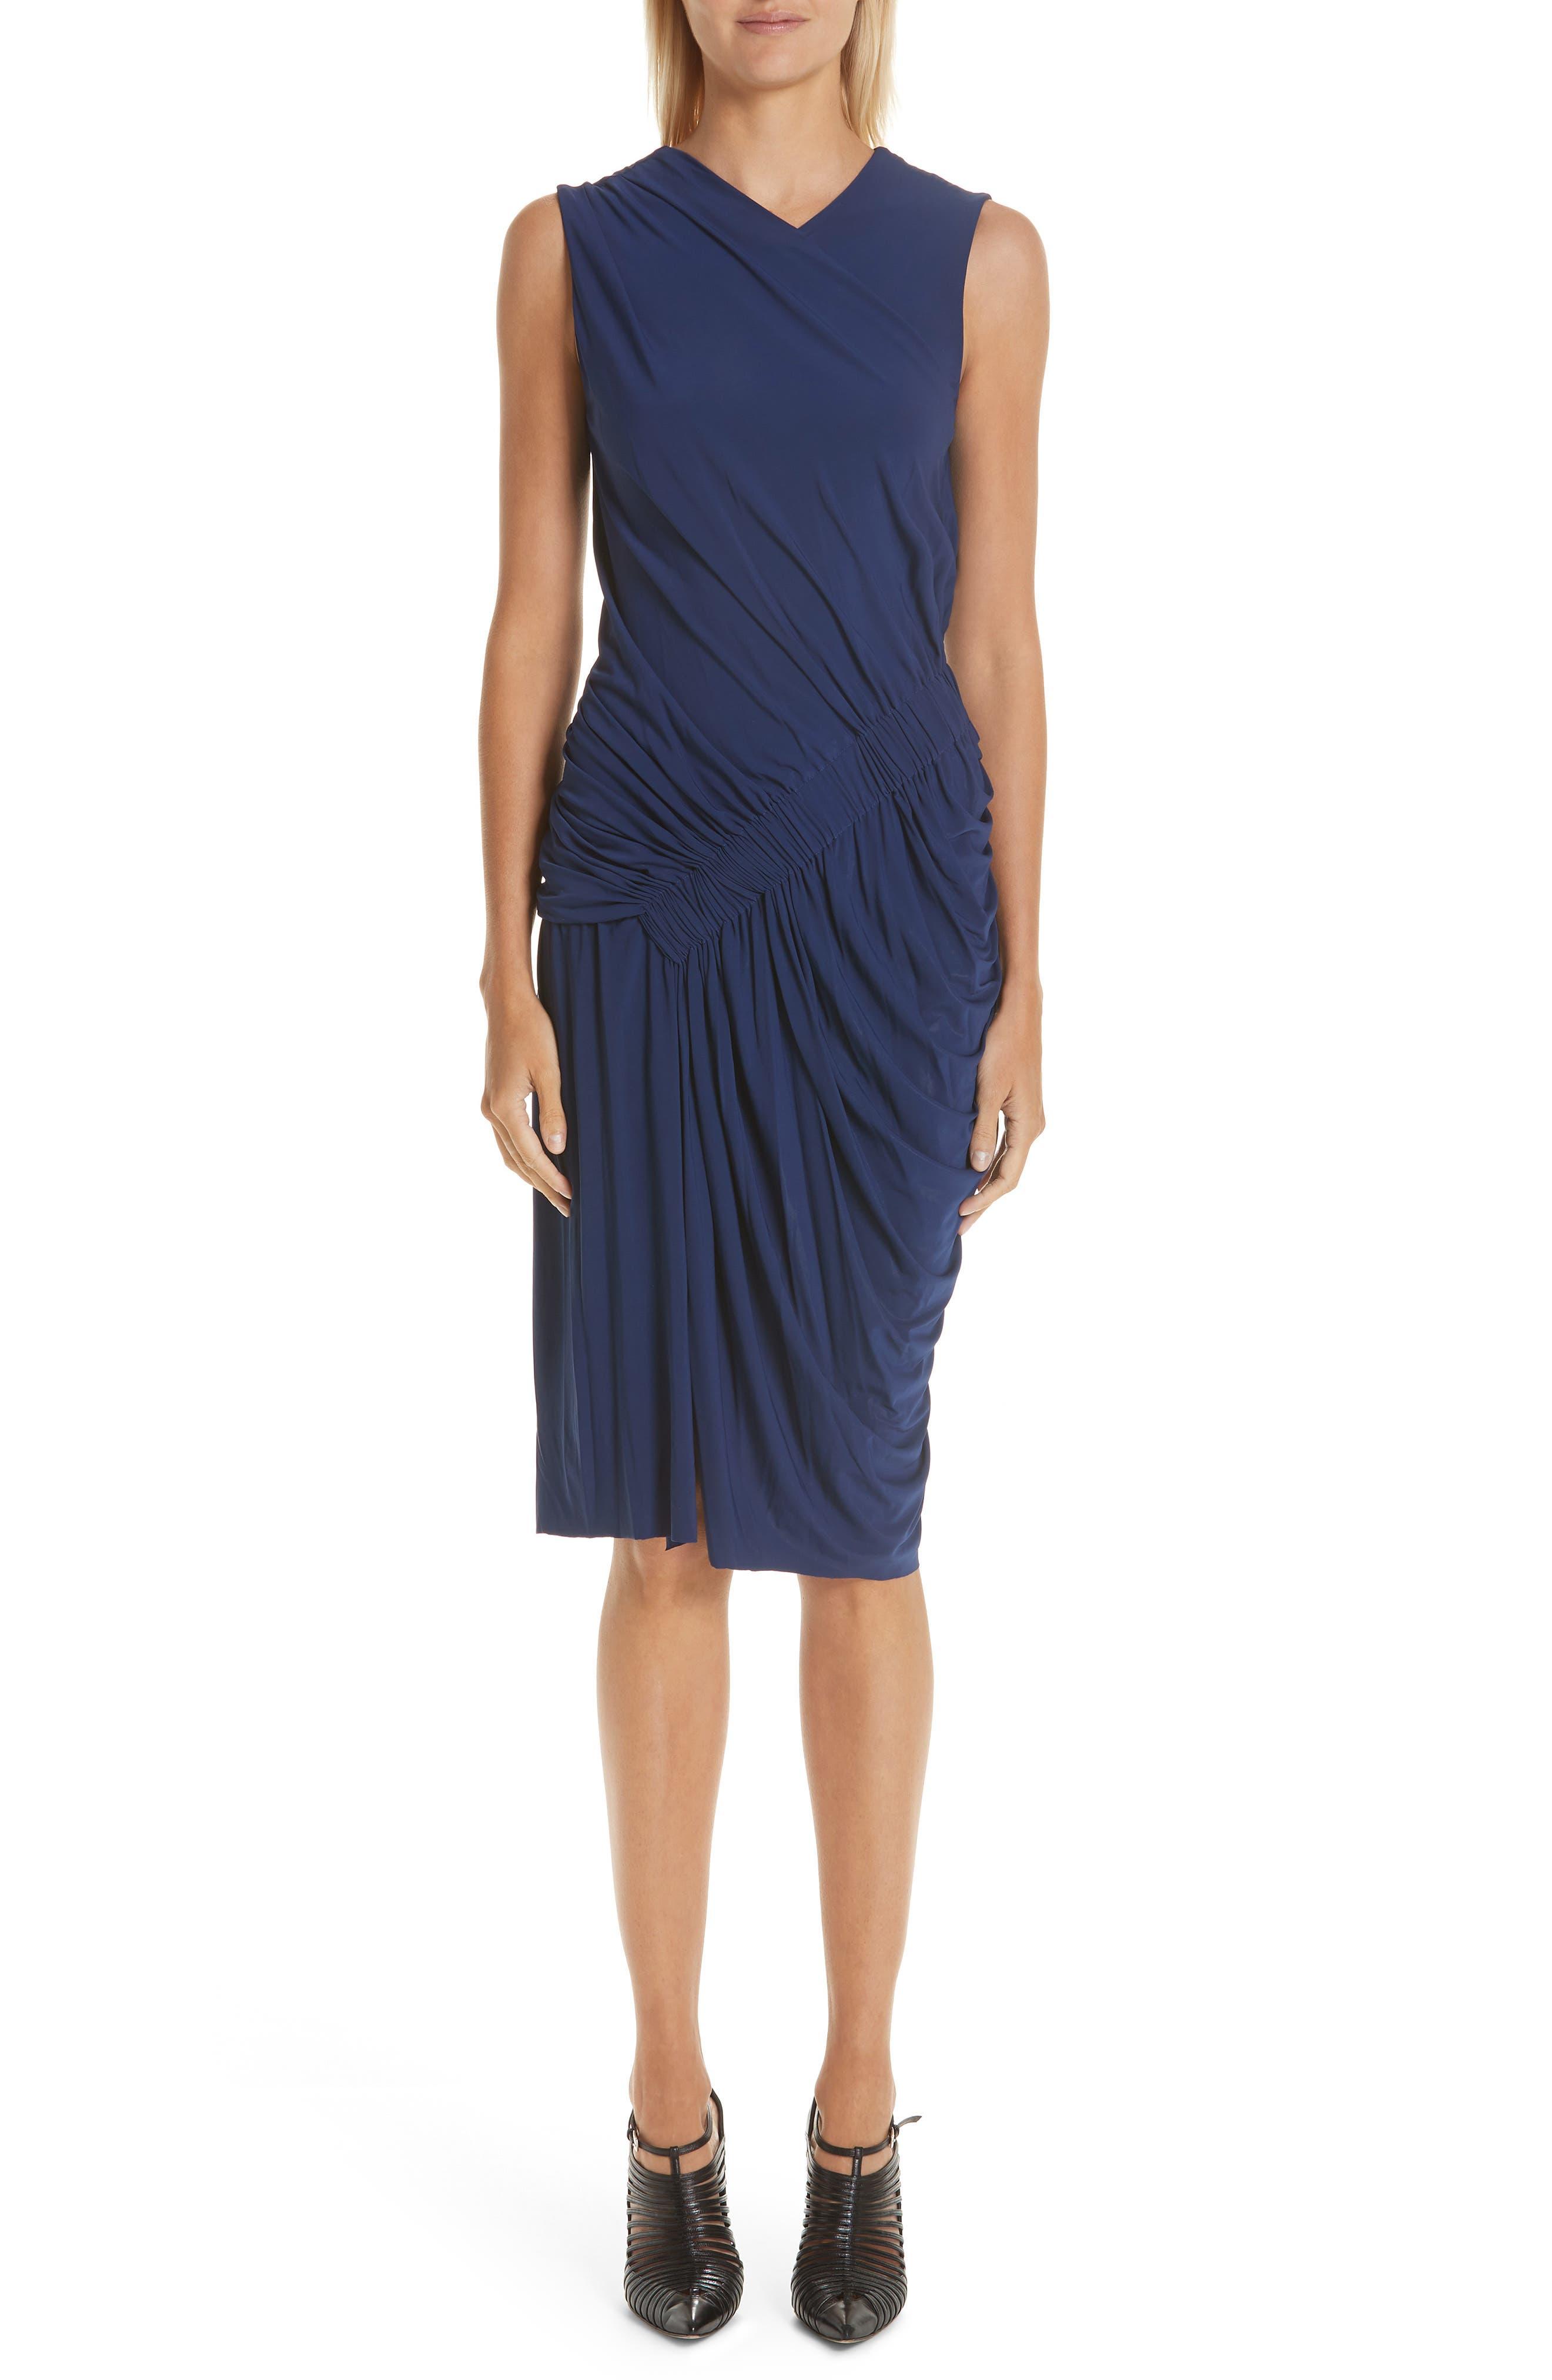 Jason Wu Collection Ruched Jersey Sheath Dress, Blue